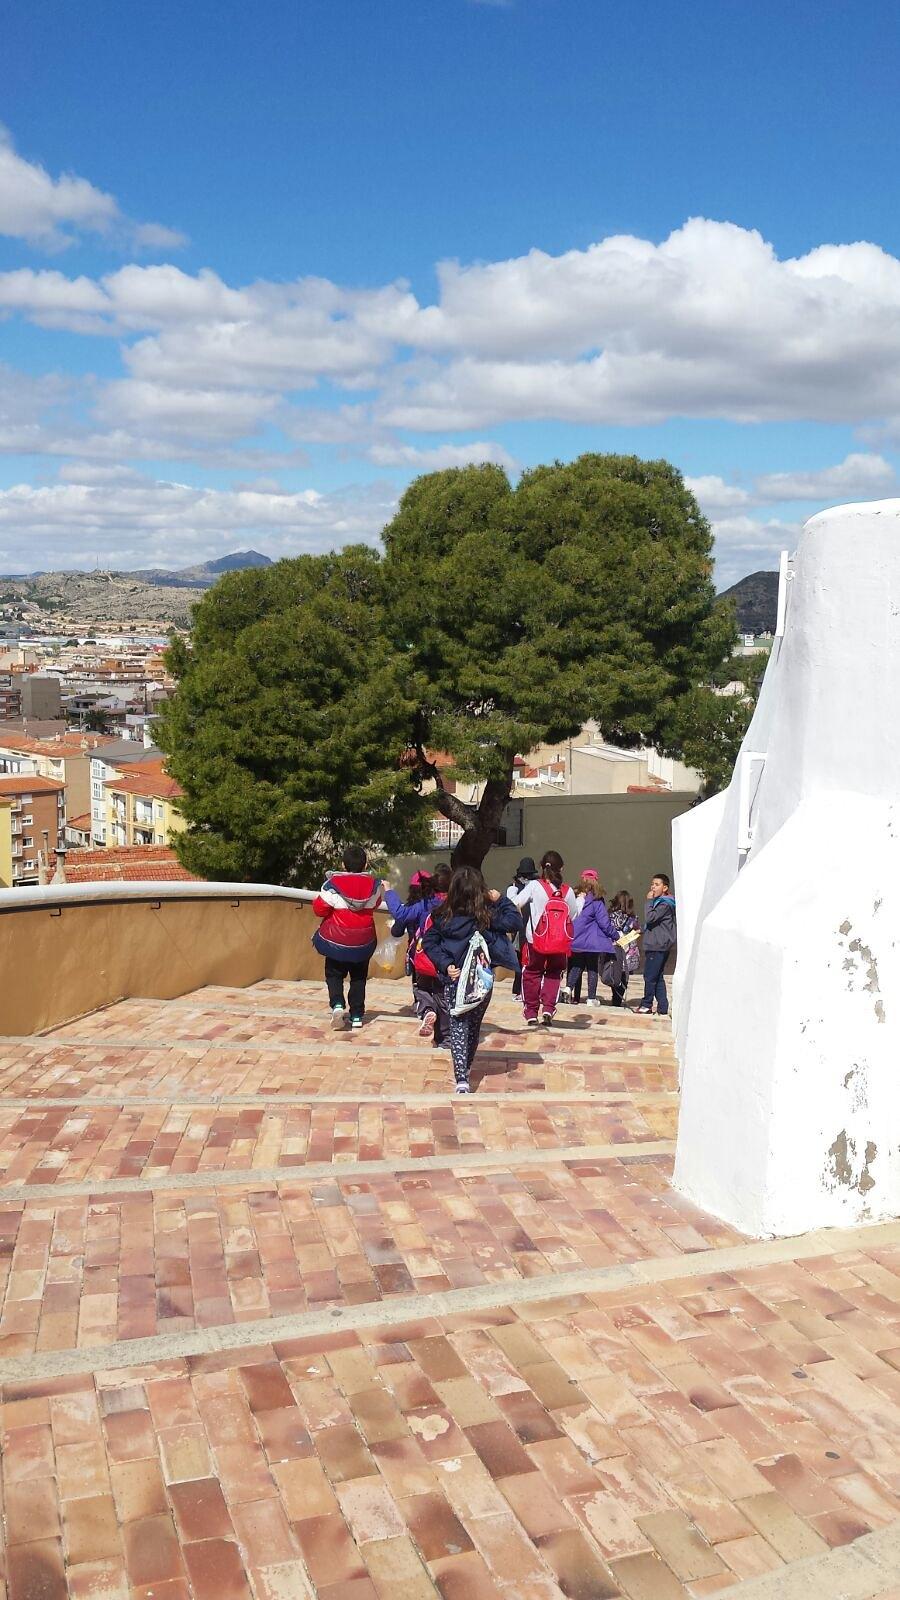 (2018-03-16) - Visita ermita alumnos Laura,3ºB, profesora religión Reina Sofia - Marzo -  María Isabel Berenguer Brotons (01)